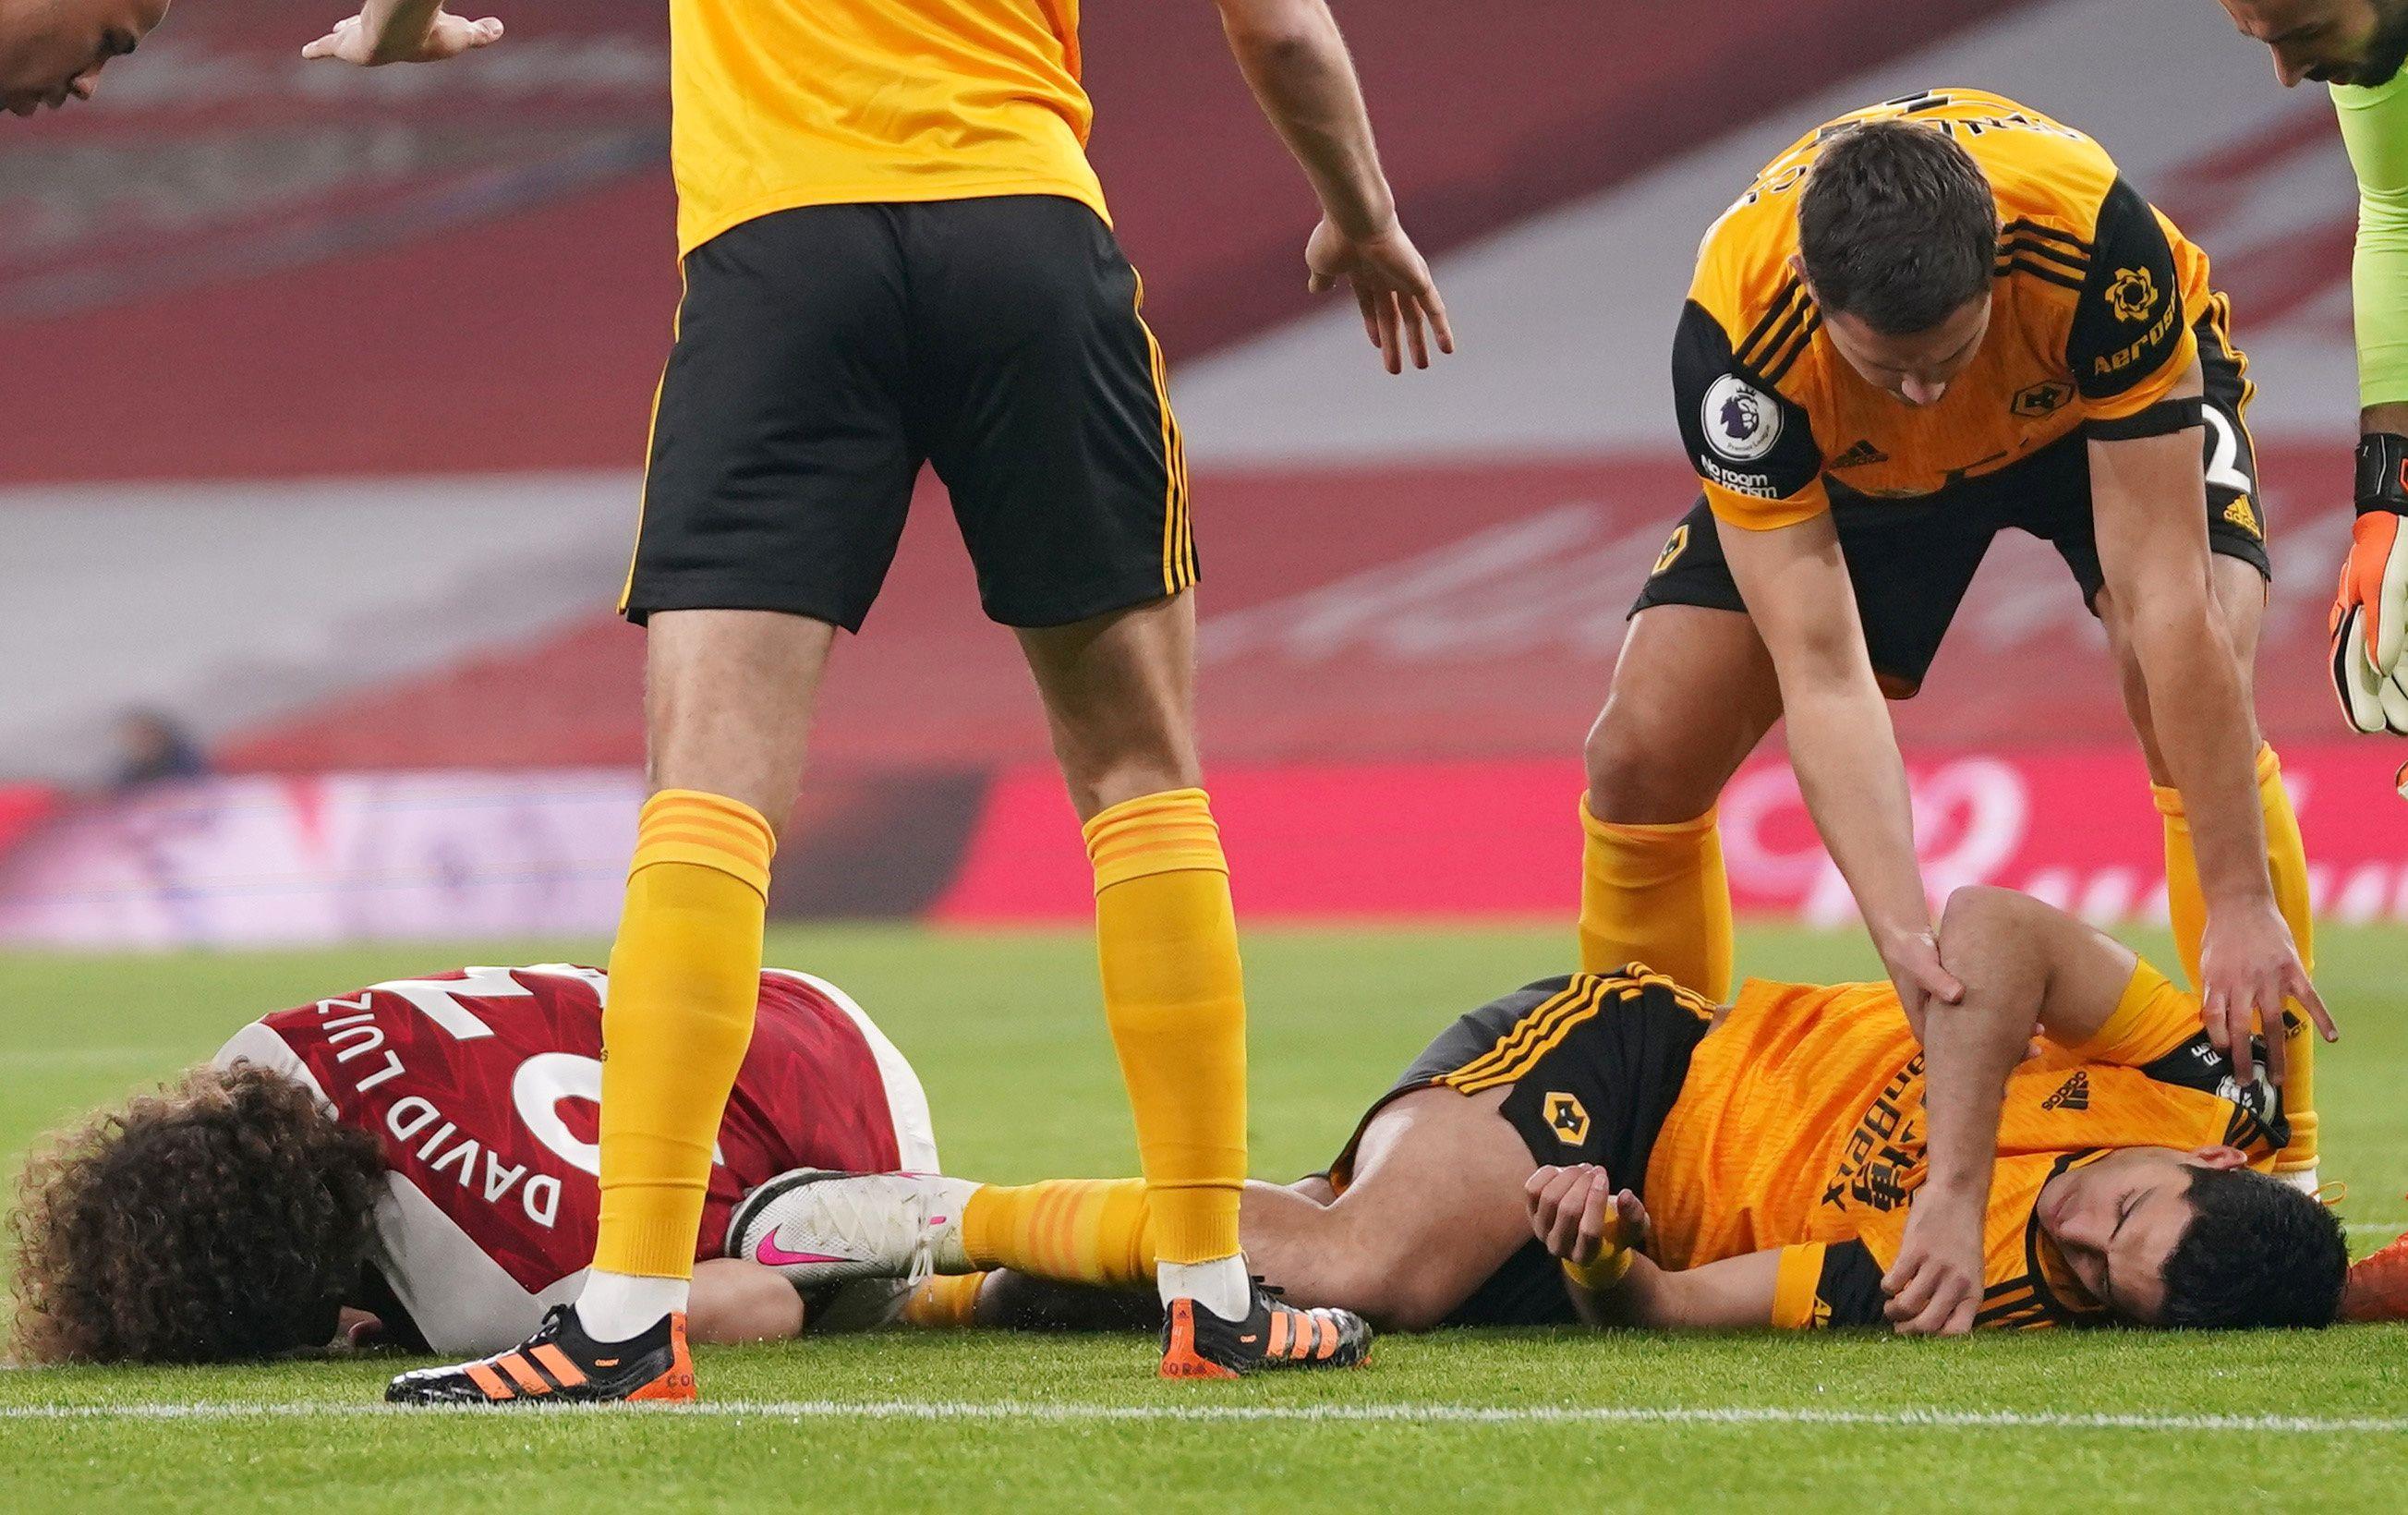 Los golpes en la cabeza que los futbolistas sufren en cualquier parido podrían estar cuasando daños irreversibles en sus cerebros (Reuters)